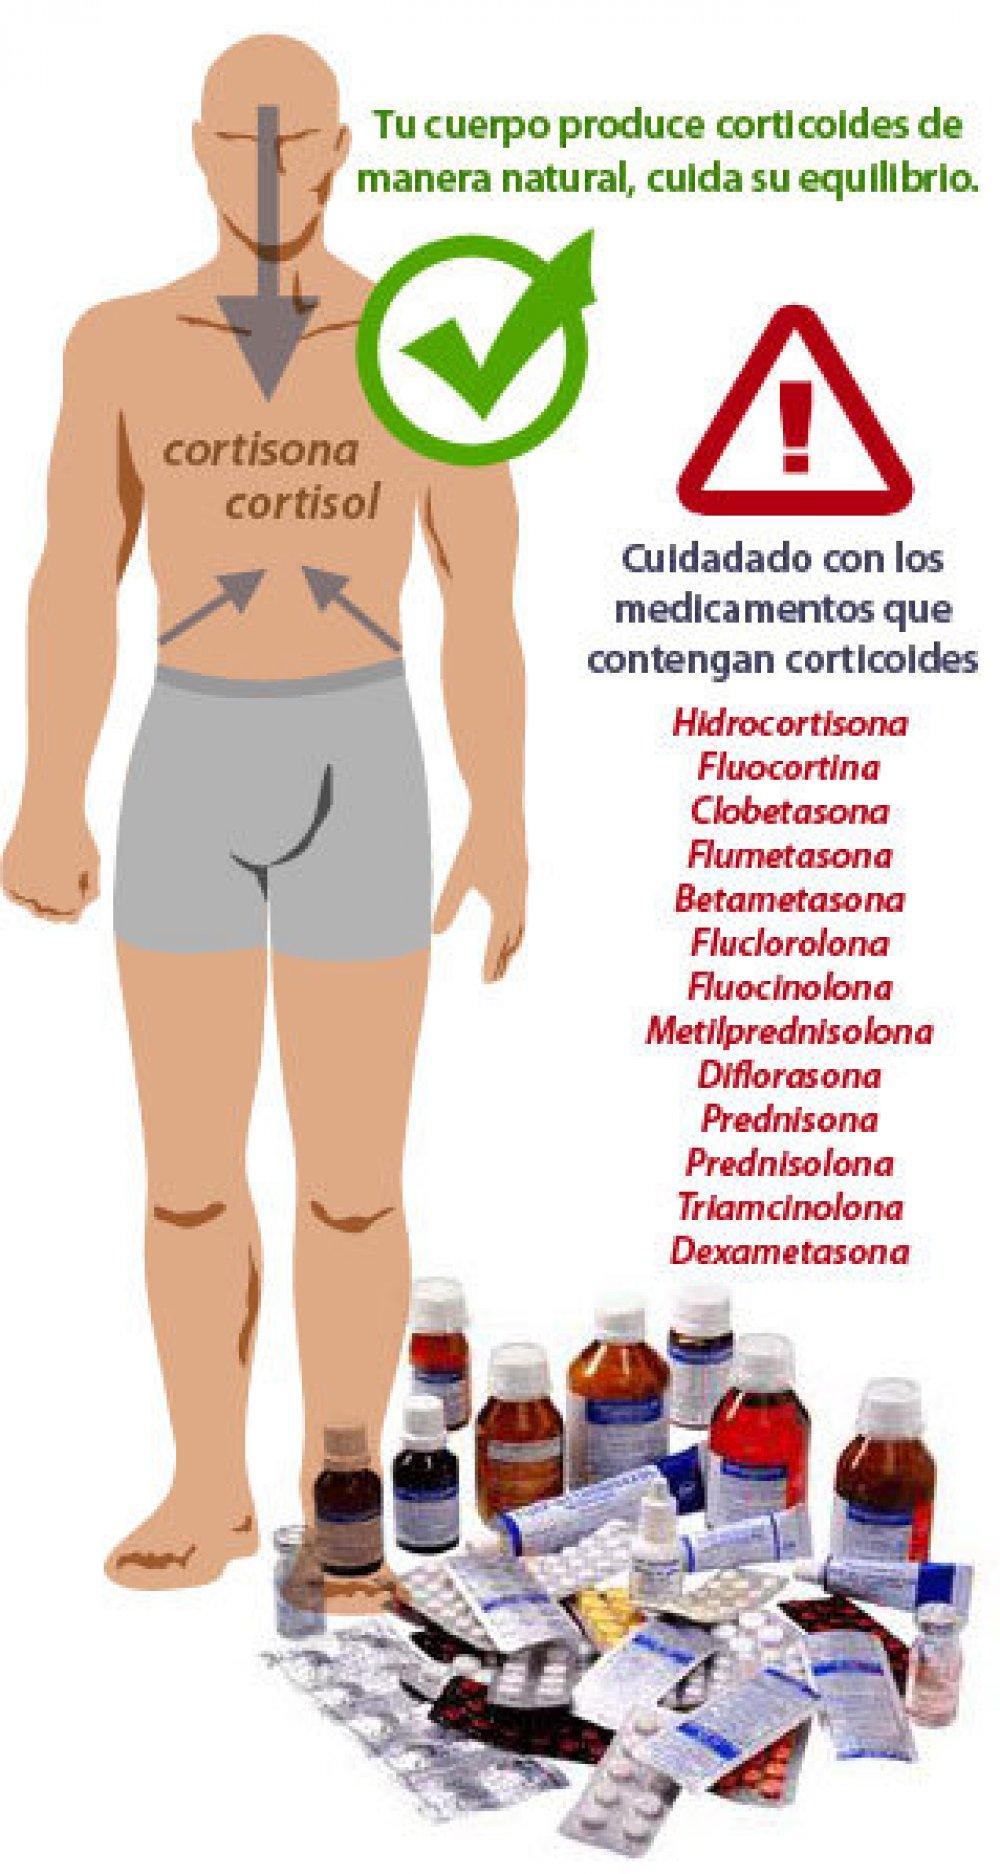 Corticoides cortisol y cortisona qu son y c mo afectan for Como se cocinan los percebes